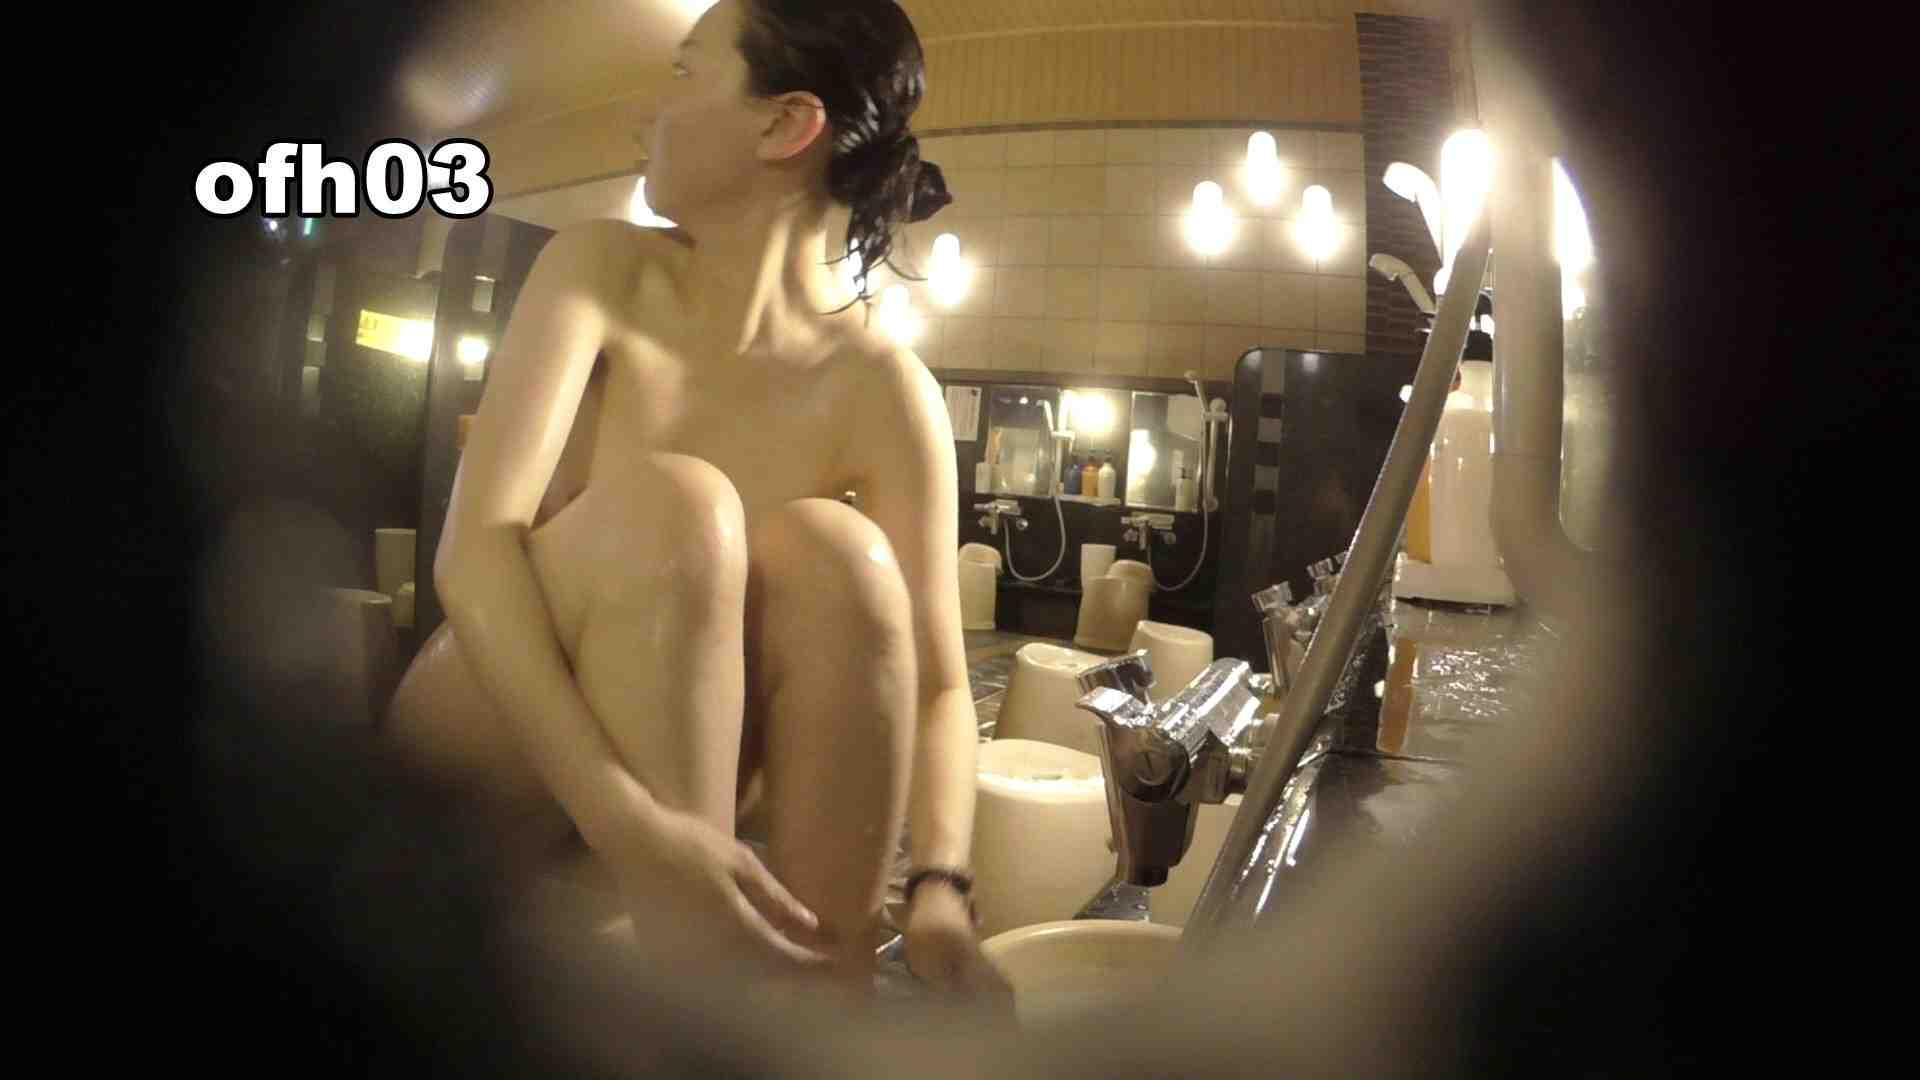 お風呂HEROの助手 vol.03 エッチすぎるOL達 | 0  104連発 25